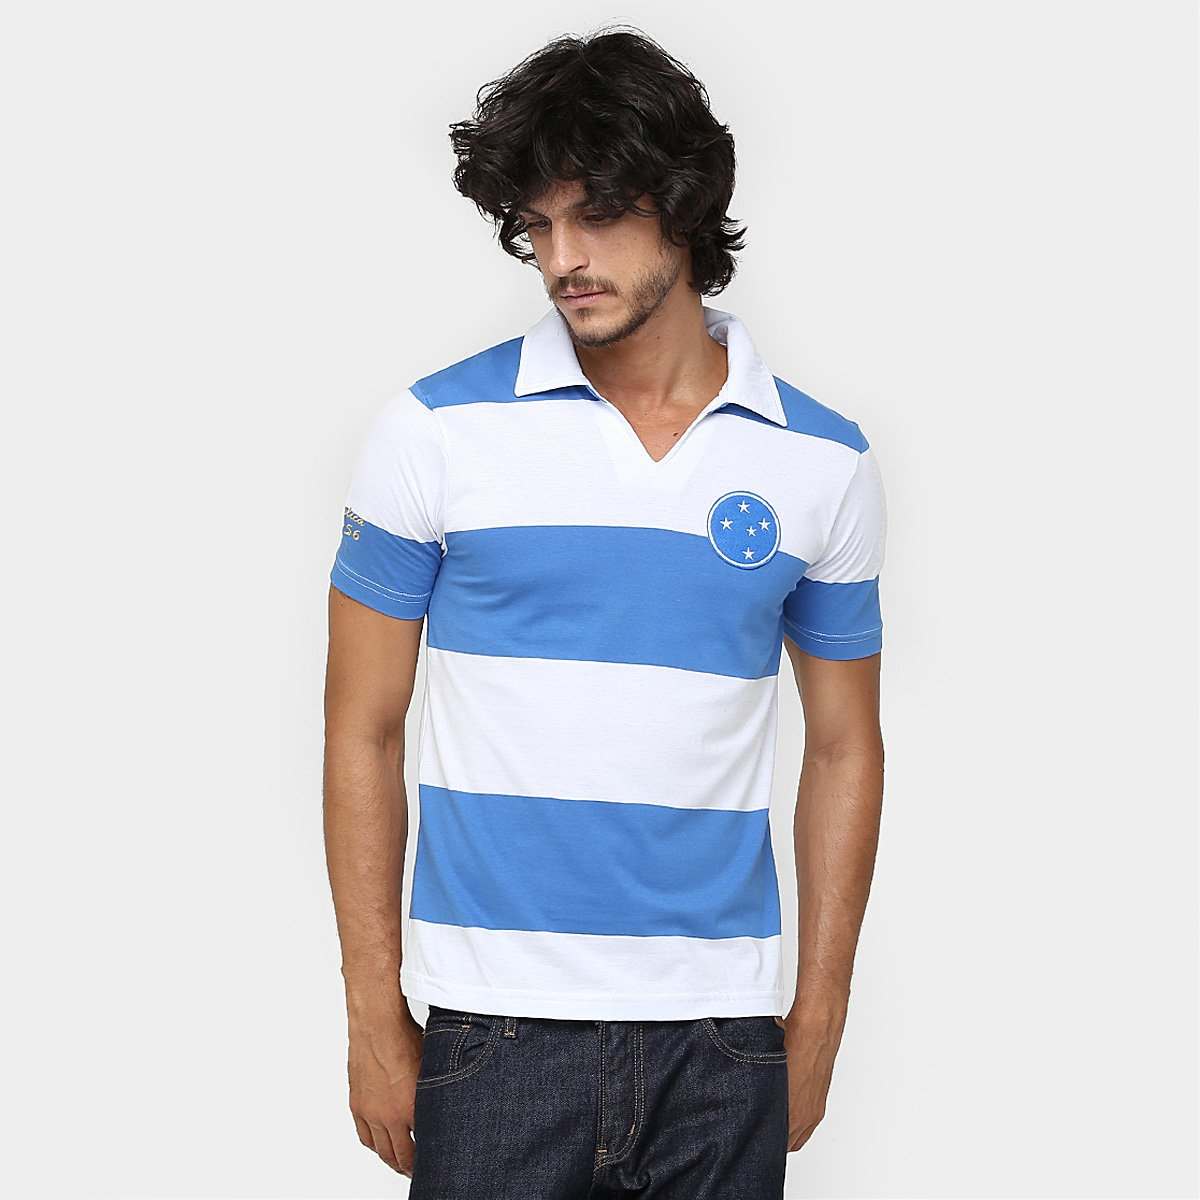 6c70e0d1d2 Camisa Polo Cruzeiro Réplica 1956 Masculina | Netshoes